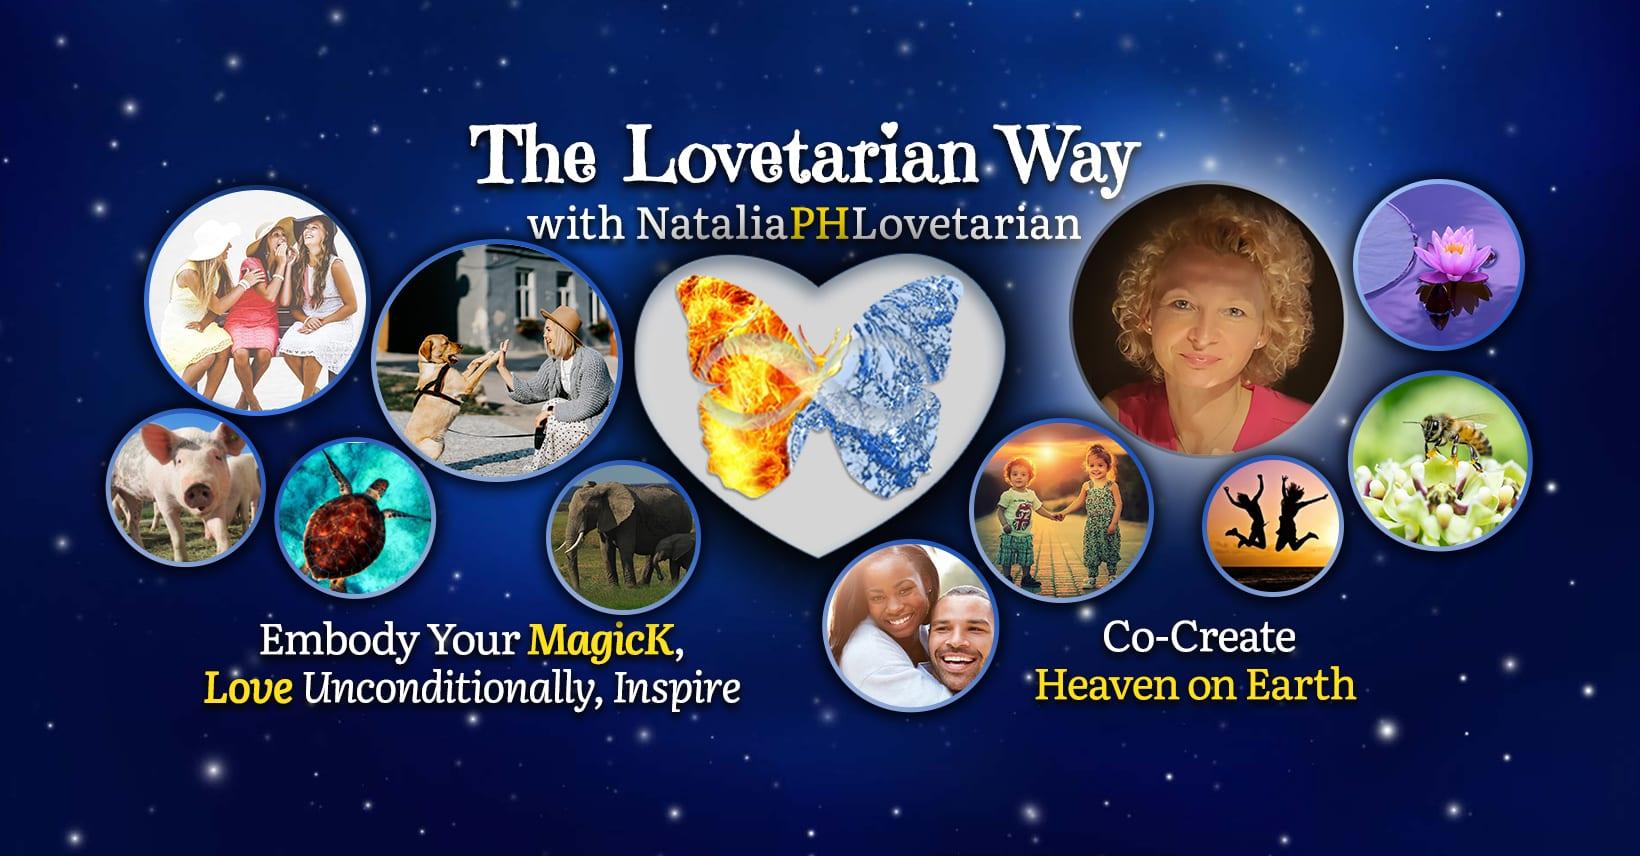 The Lovetarian Way